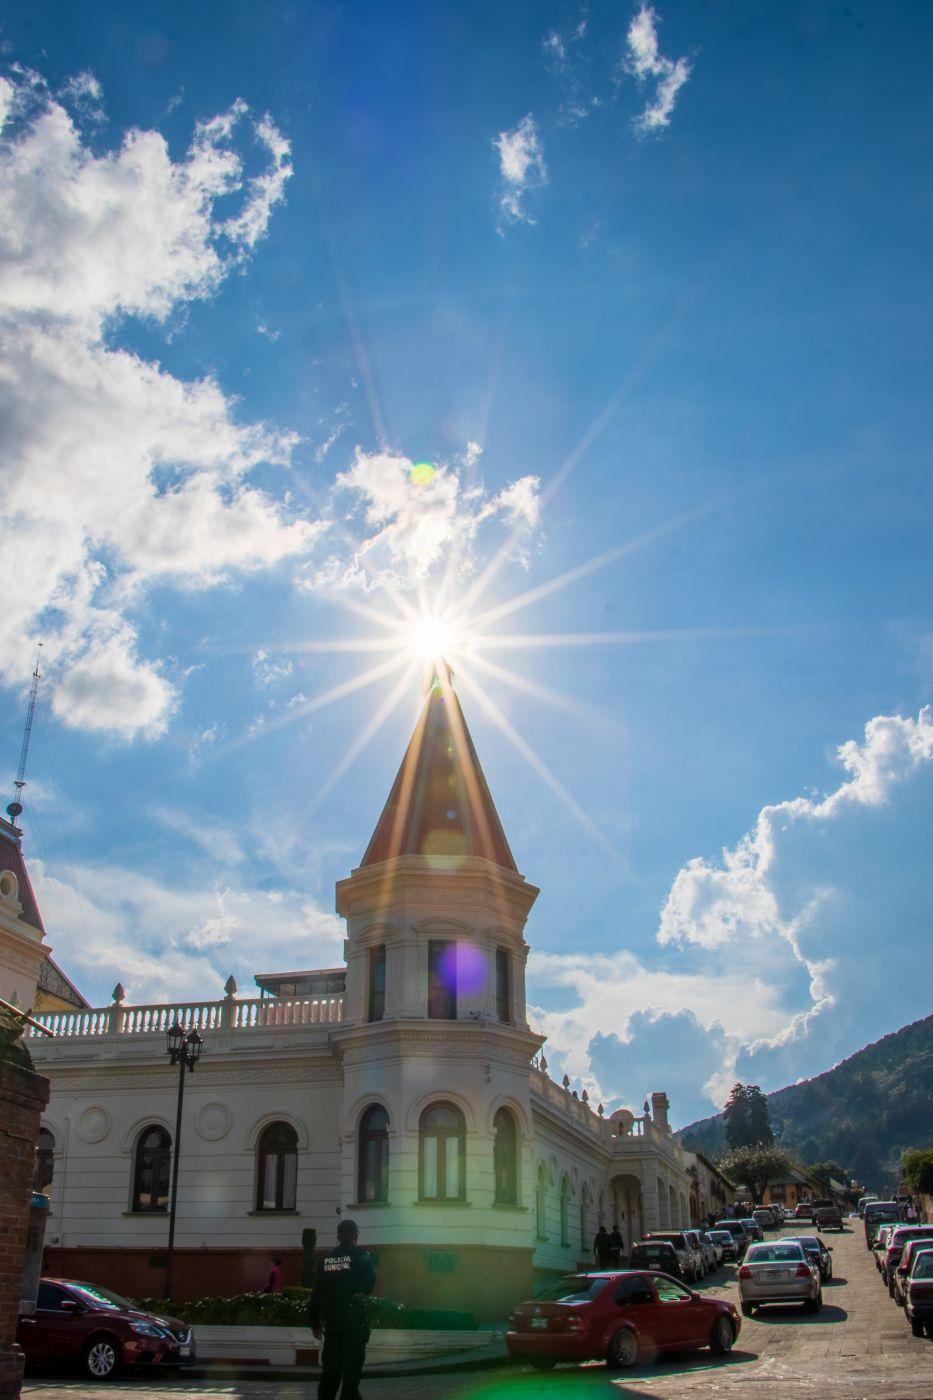 Palacio Municipal de El Oro, Mexico